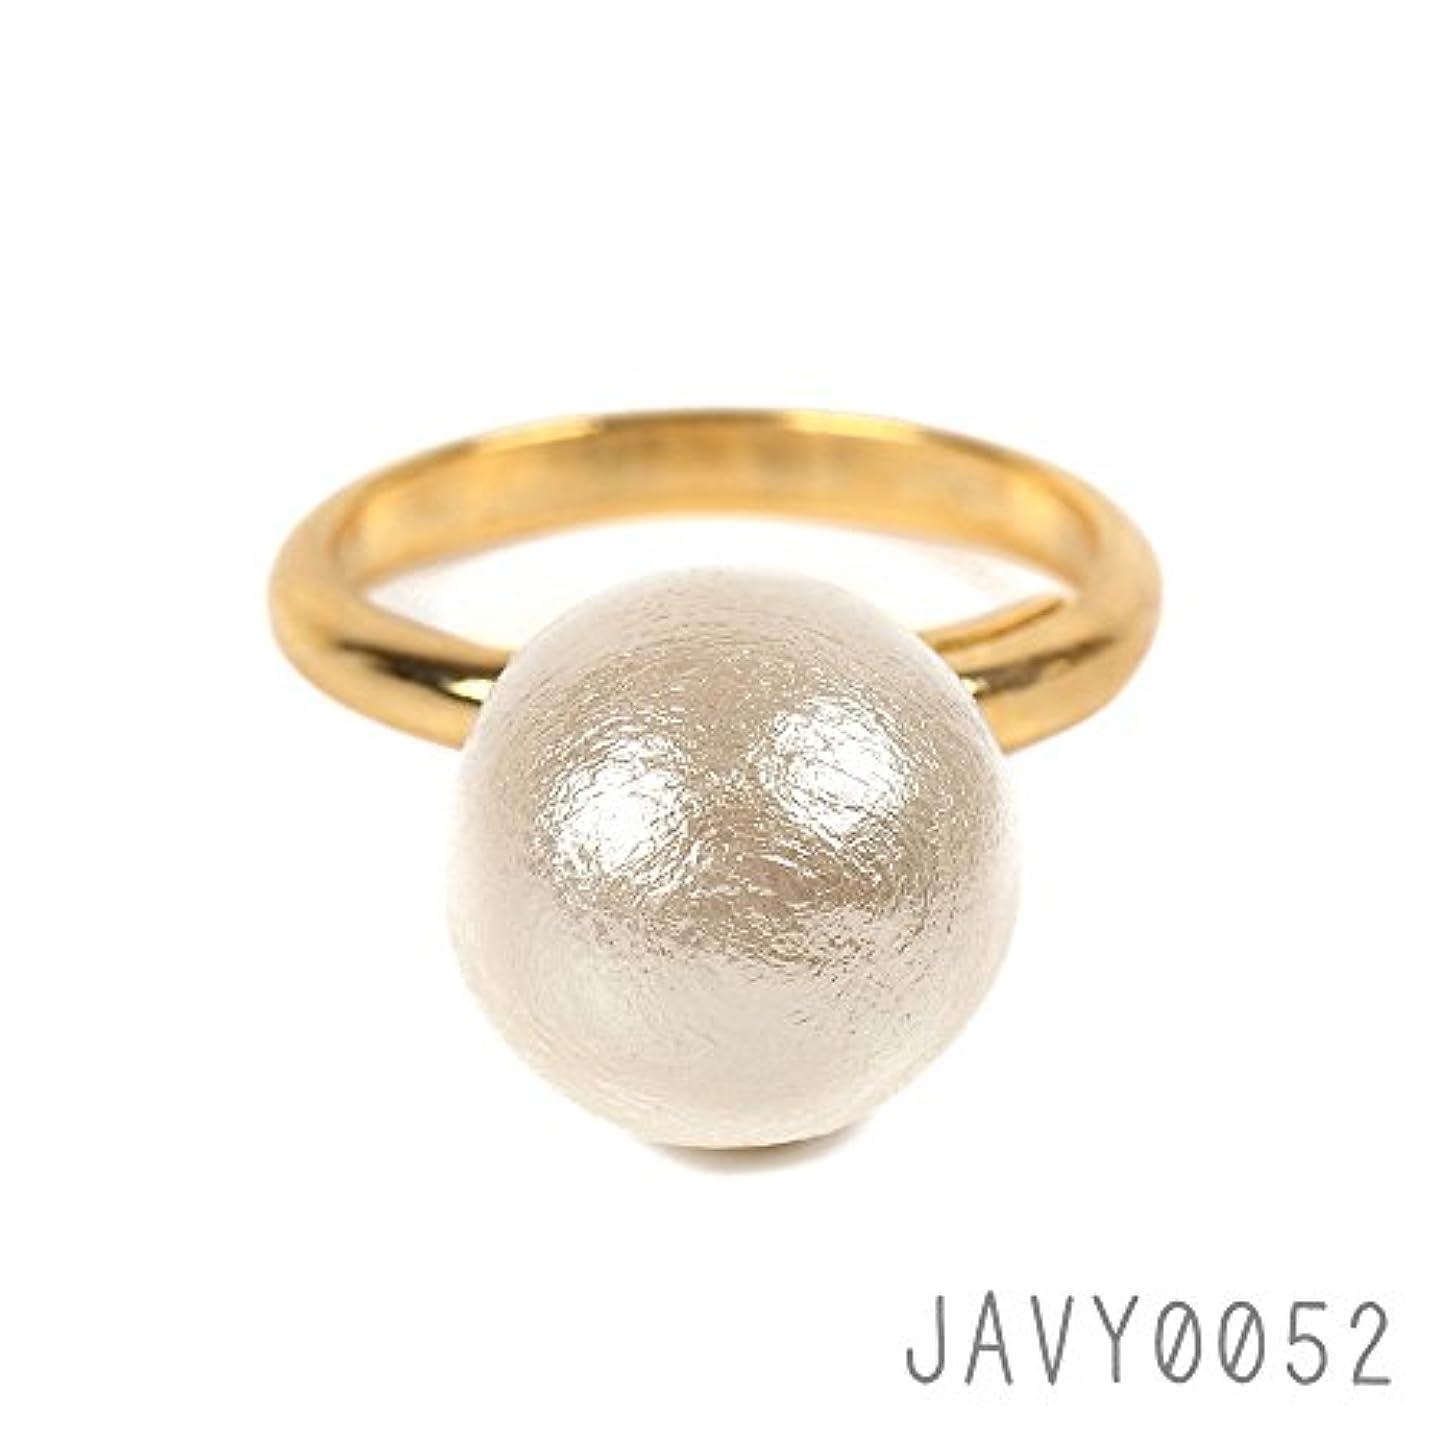 無心縮約スキムコットンパール 指輪 サイズ調整可能なデザイン 素敵な 大珠12mm コットンパールリング ゴールド×キスカ